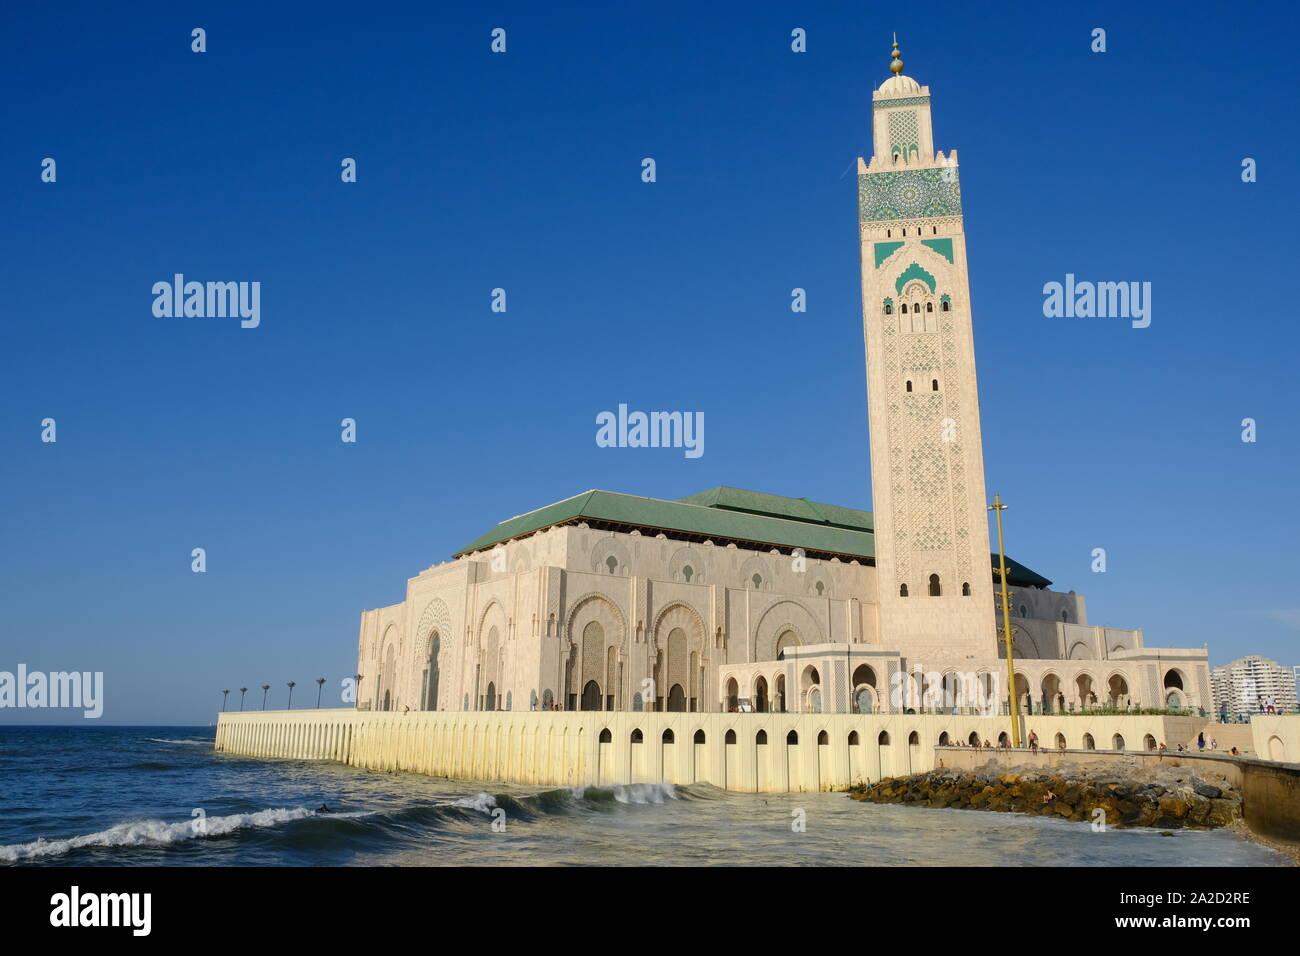 Marruecos Casablanca Mezquita de Hassan II vista desde el oeste waterside Foto de stock